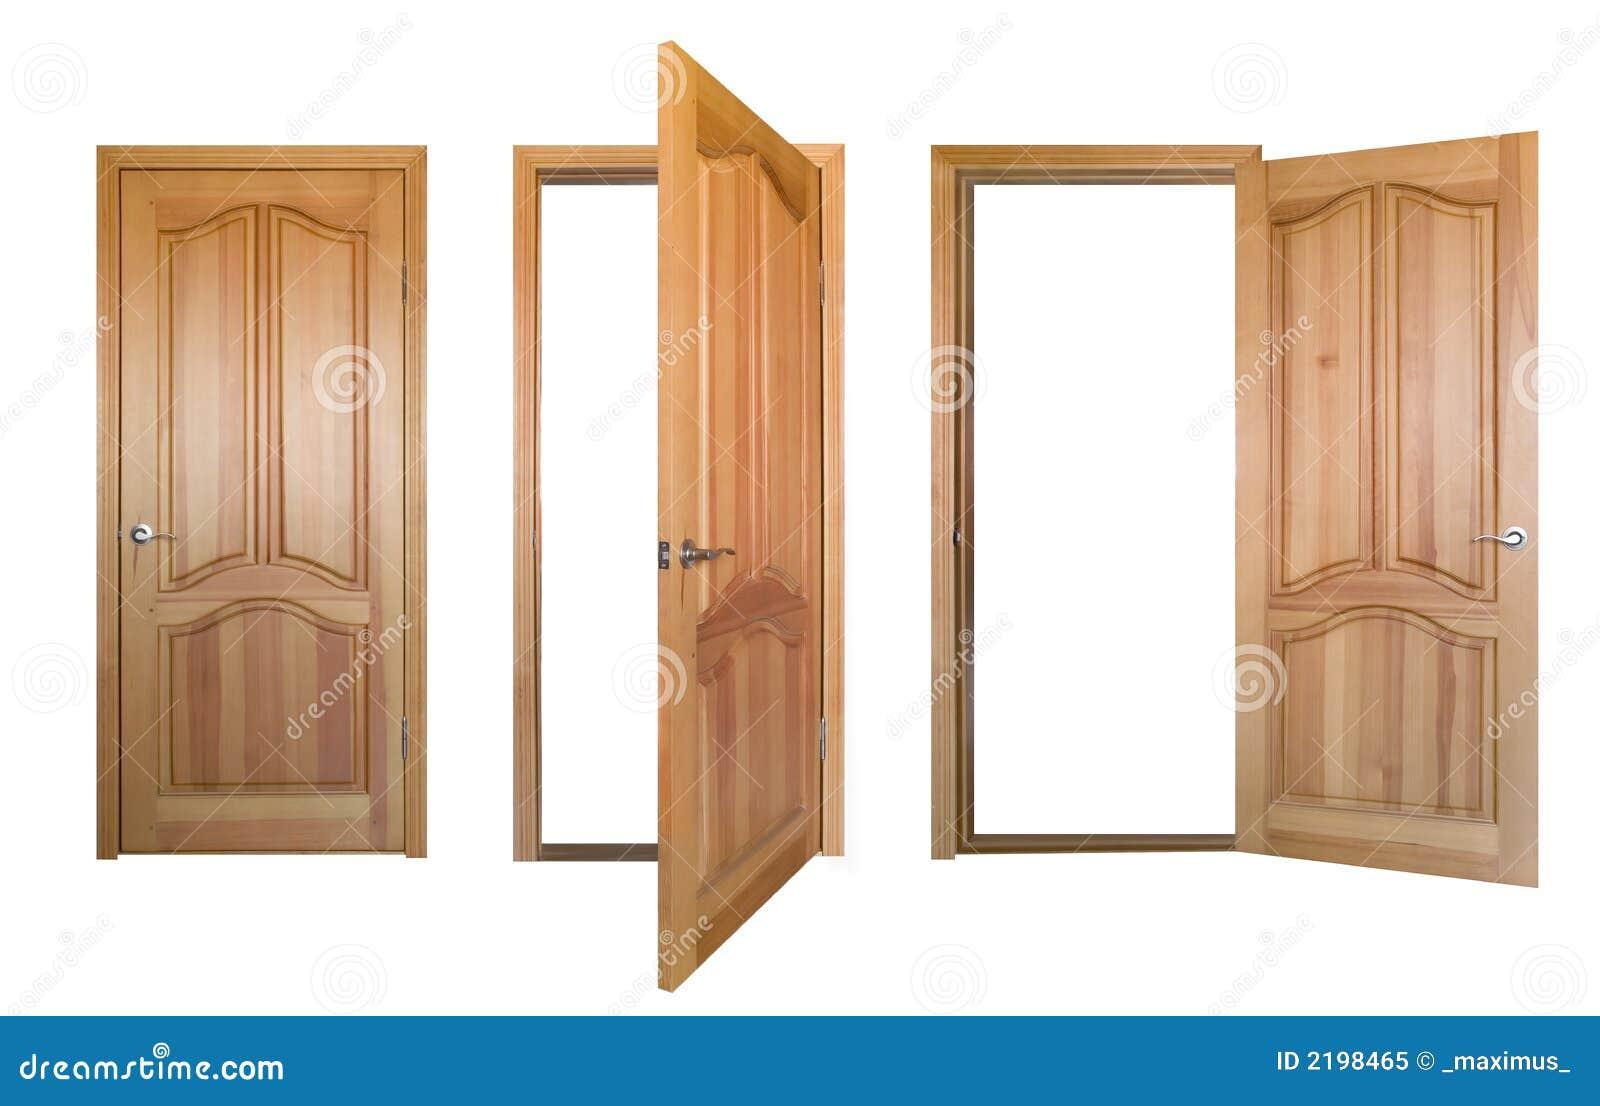 Puertas de madera aisladas foto de archivo libre de for Puertas para dormitorios madera